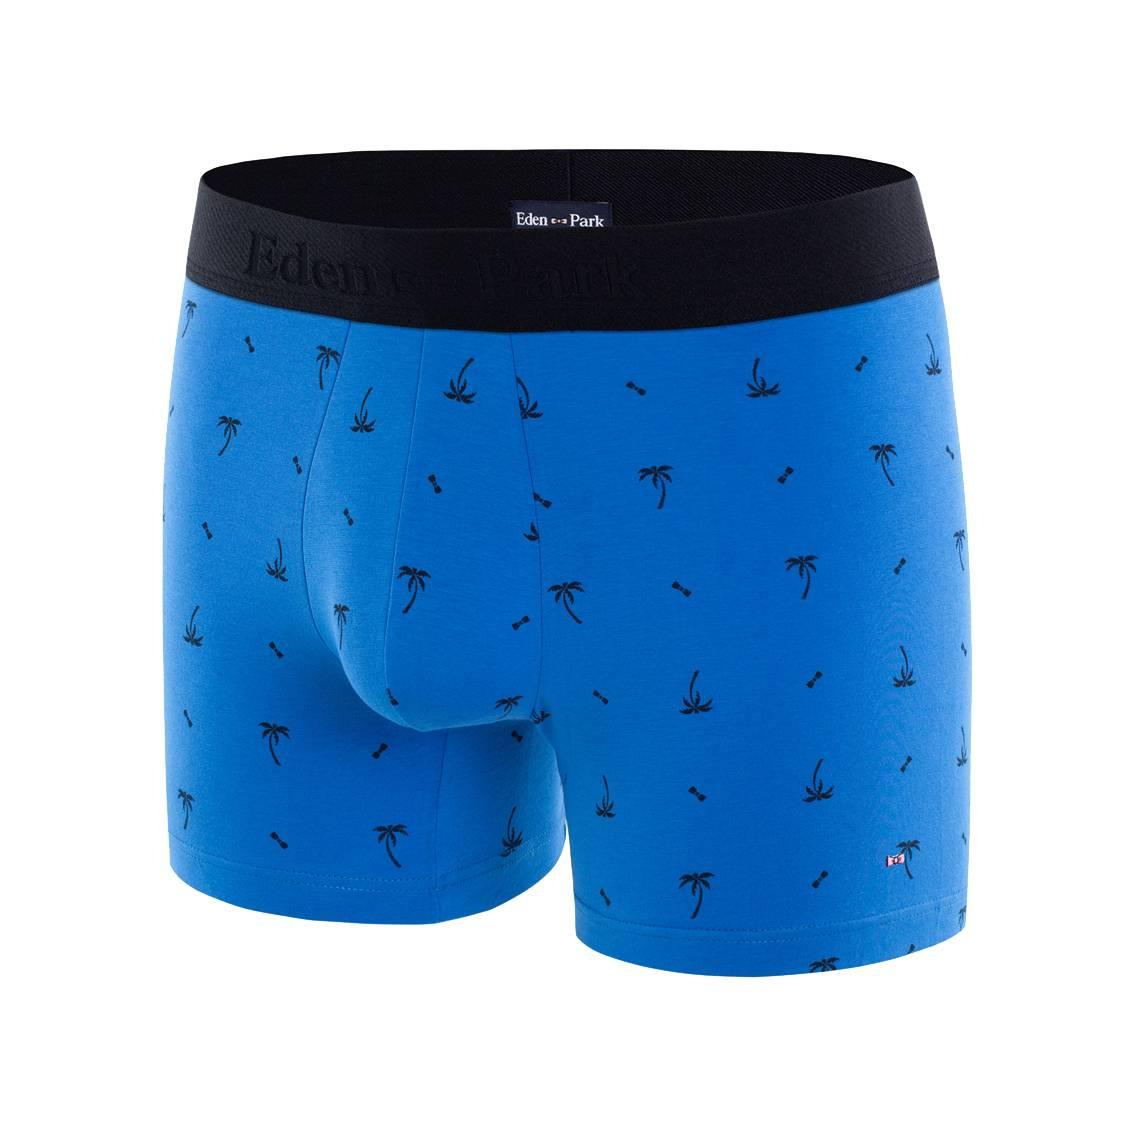 Boxer eden park en coton stretch bleu pétrole à imprimés palmiers et n?uds papillon noirs